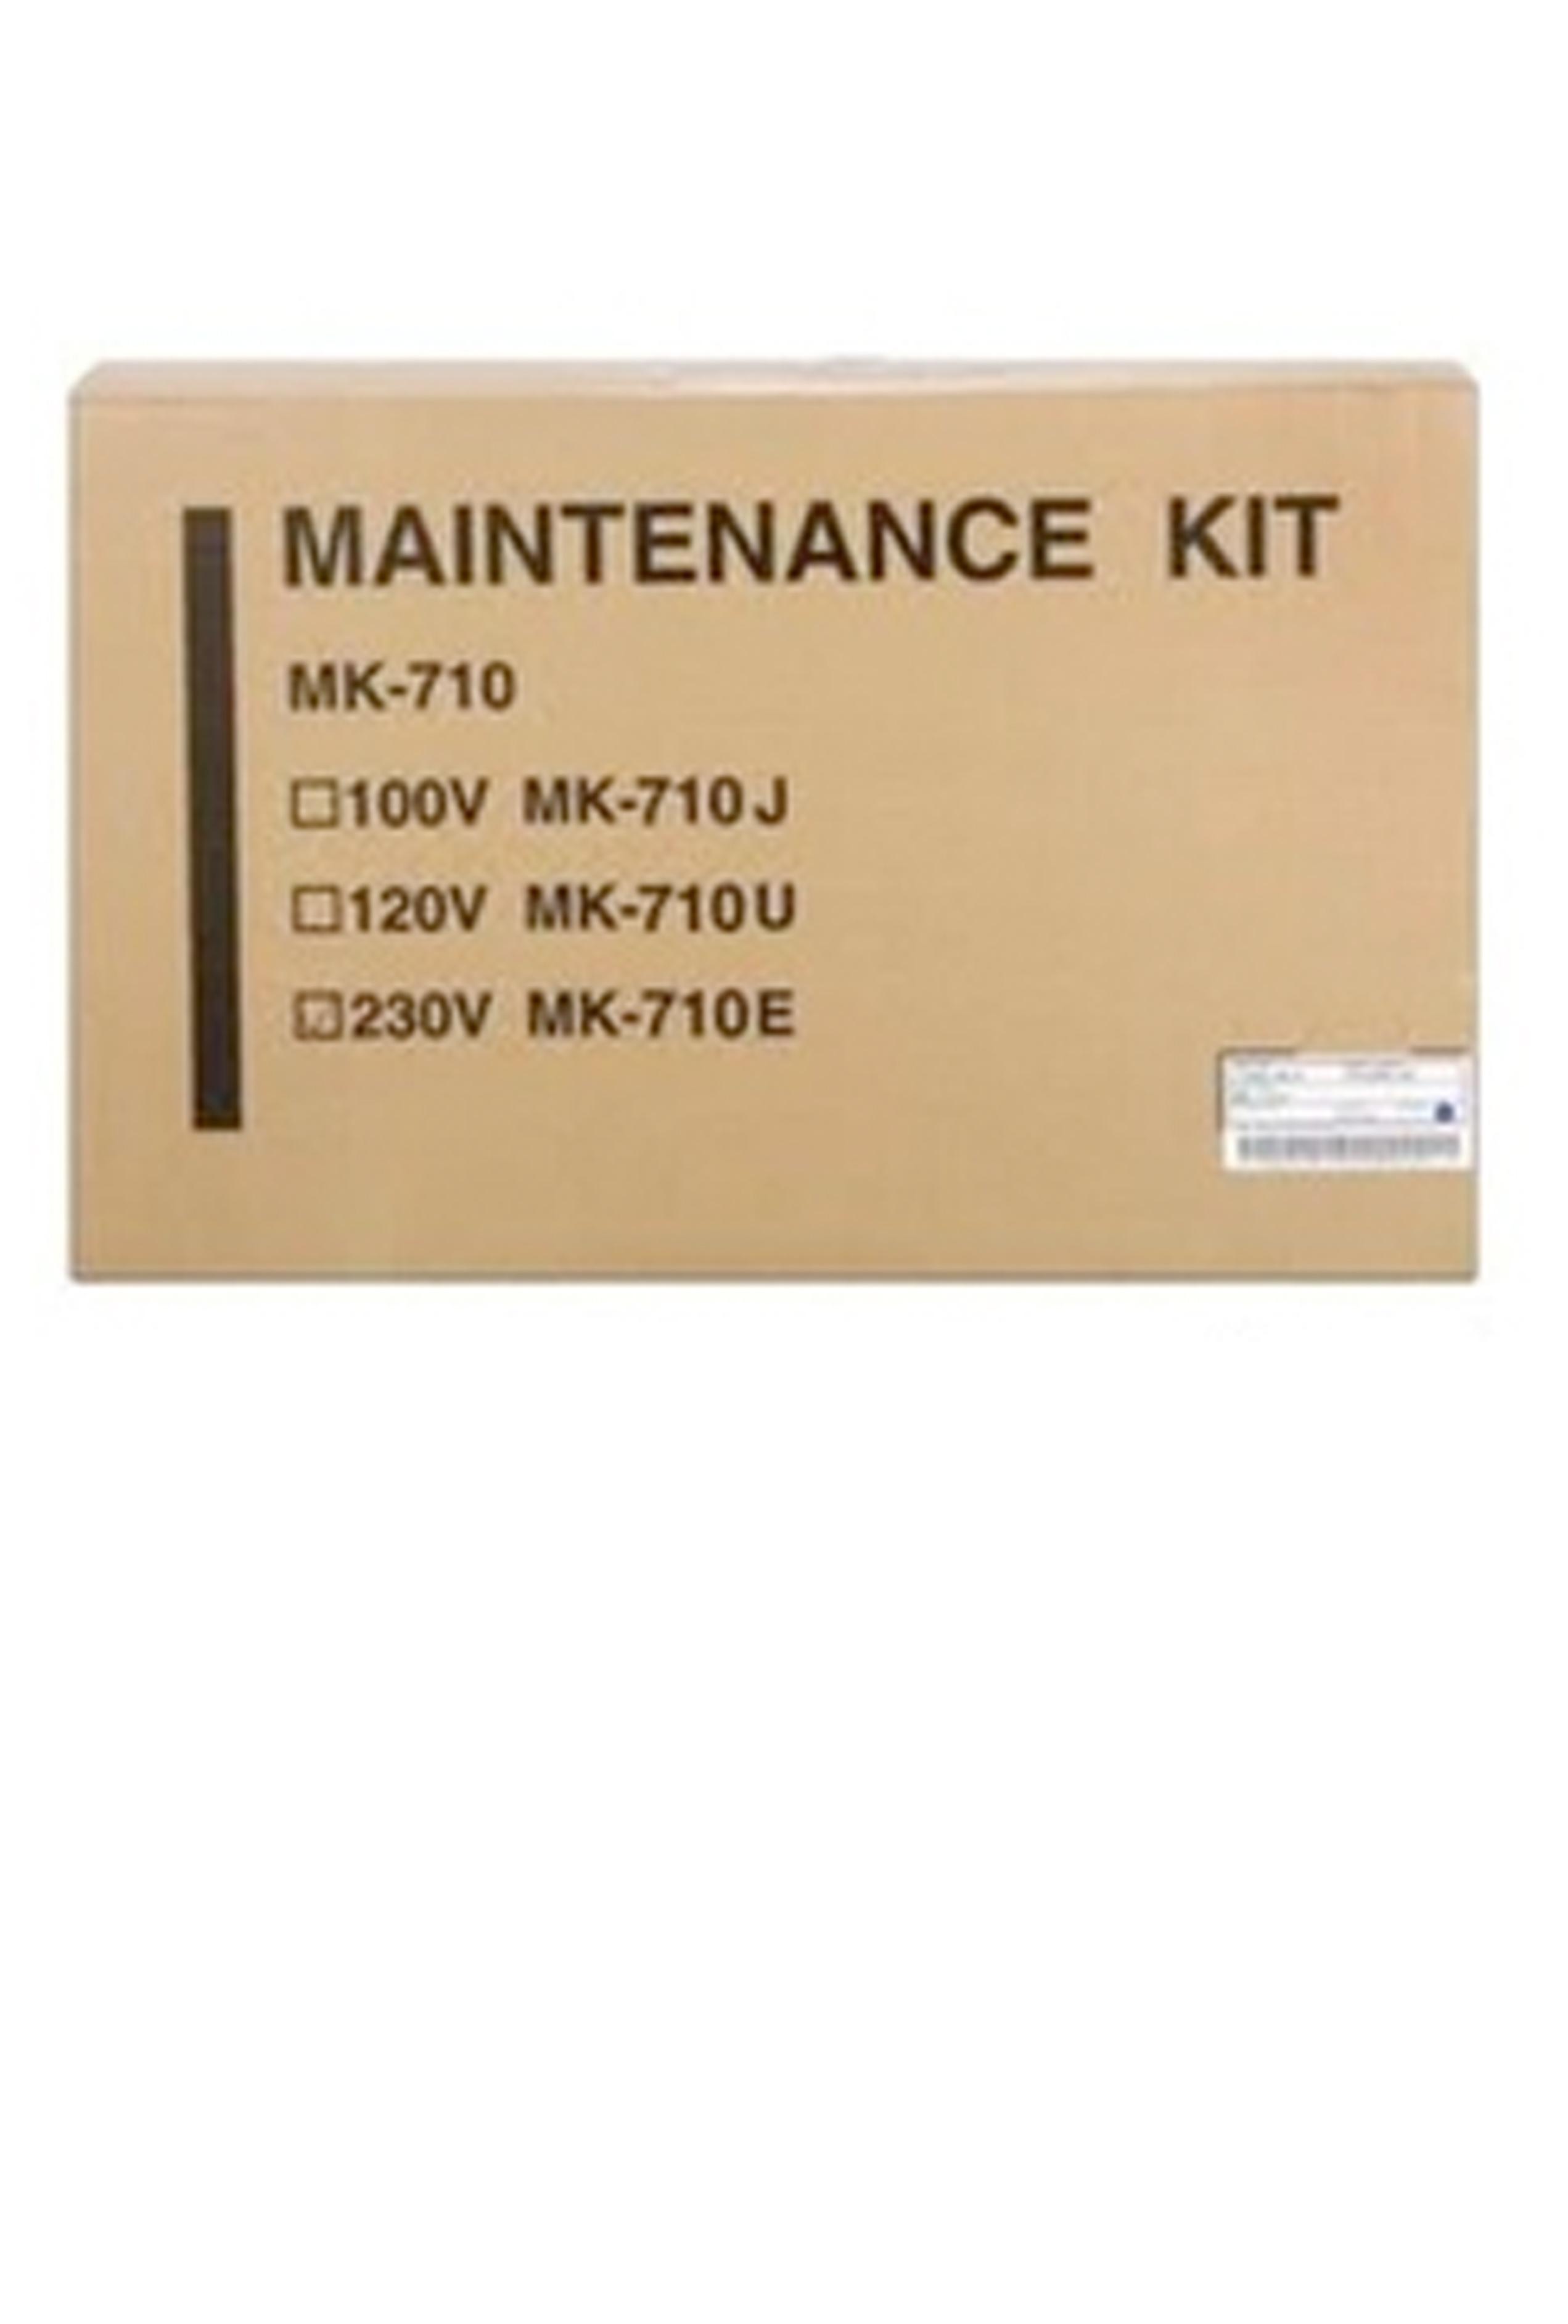 Kyocera MK-710 Maintenance Kit (500K) (1702G12US0)